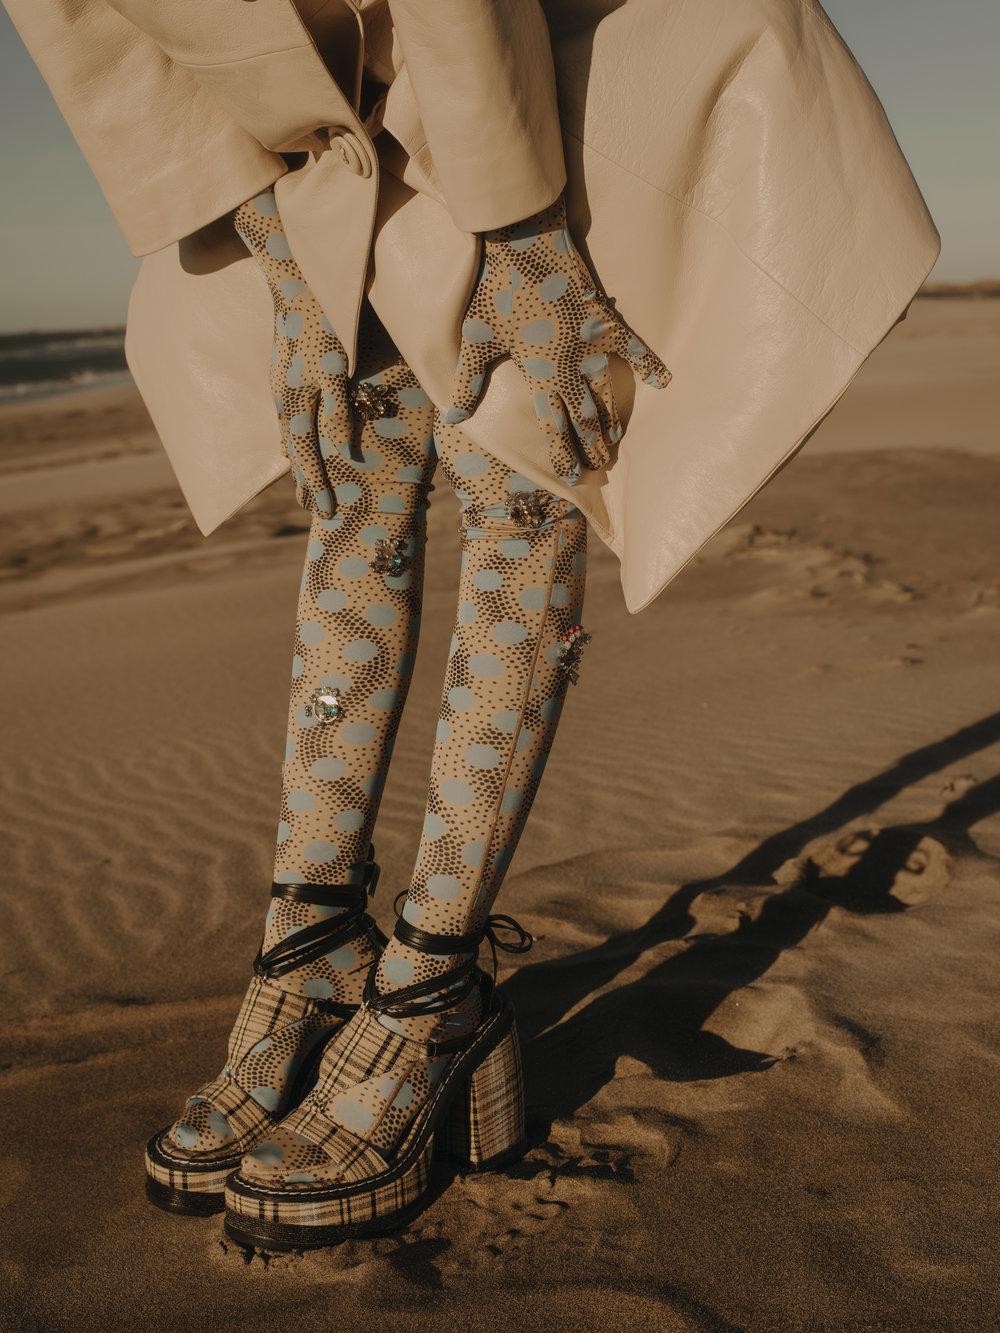 Dress, Gloves and Tights  KENZO    Coat and Shoes  MIU MIU